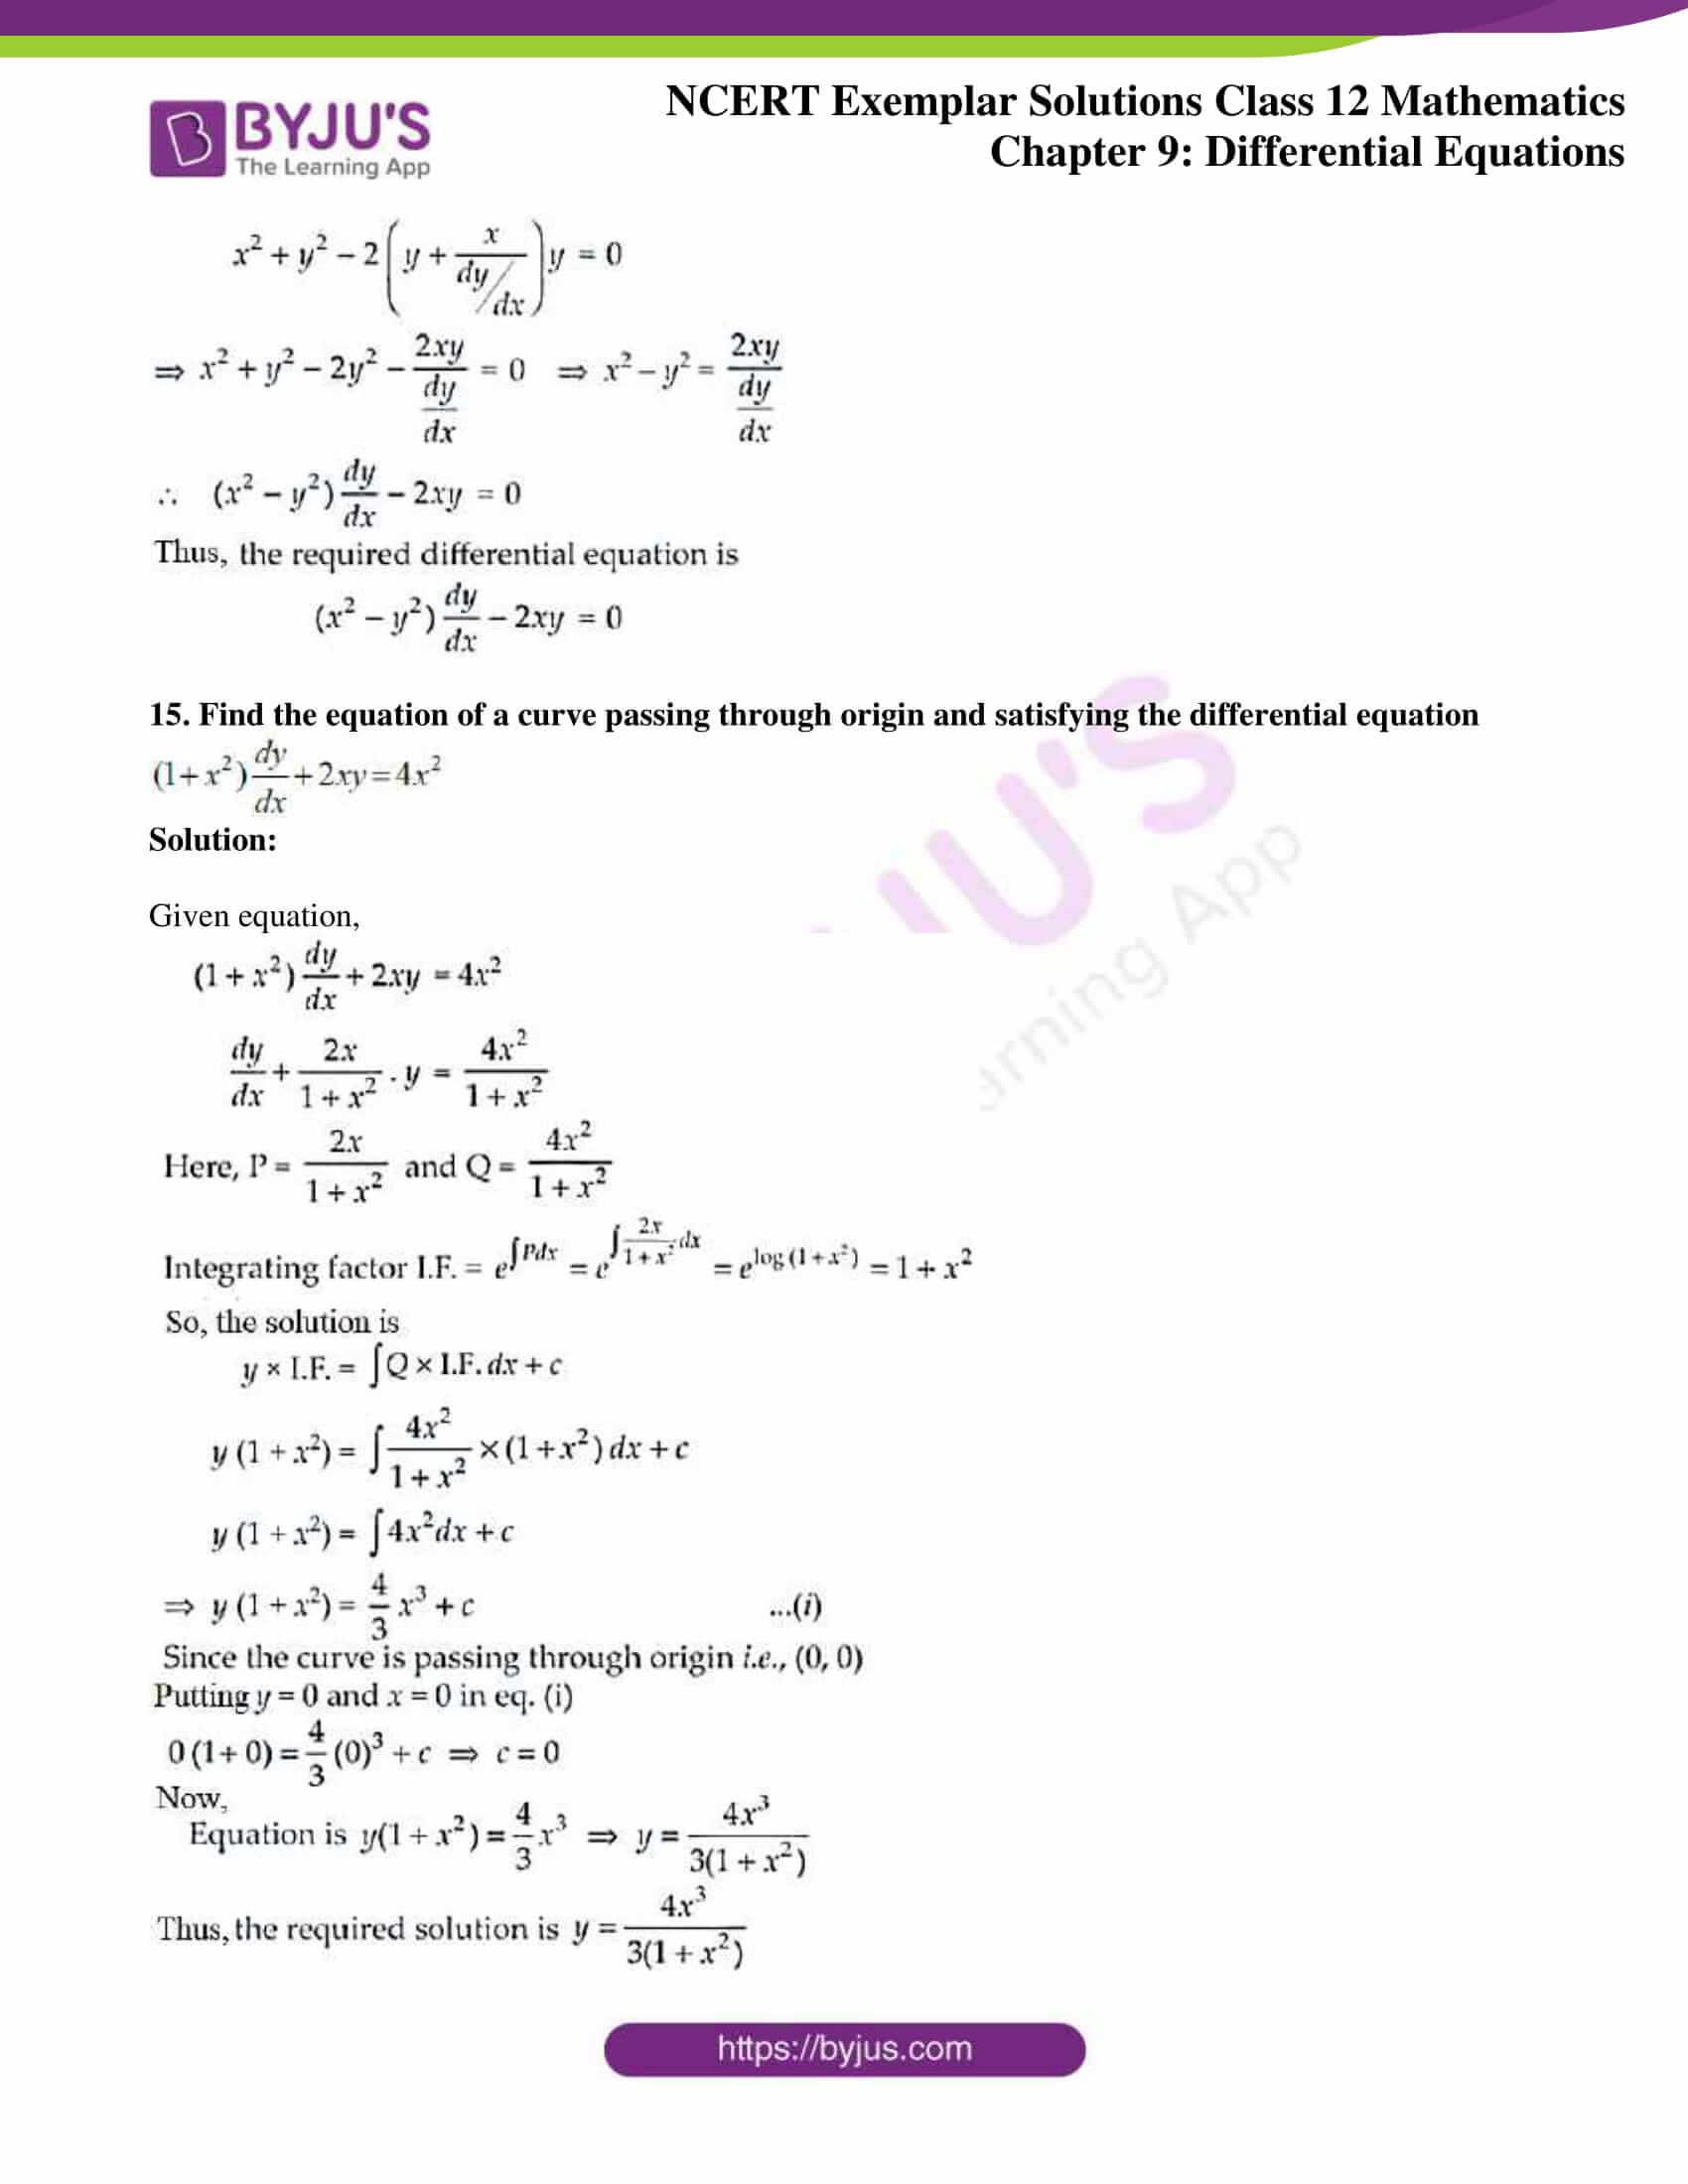 ncert exemplar sol class 12 mathematics ch 9 08